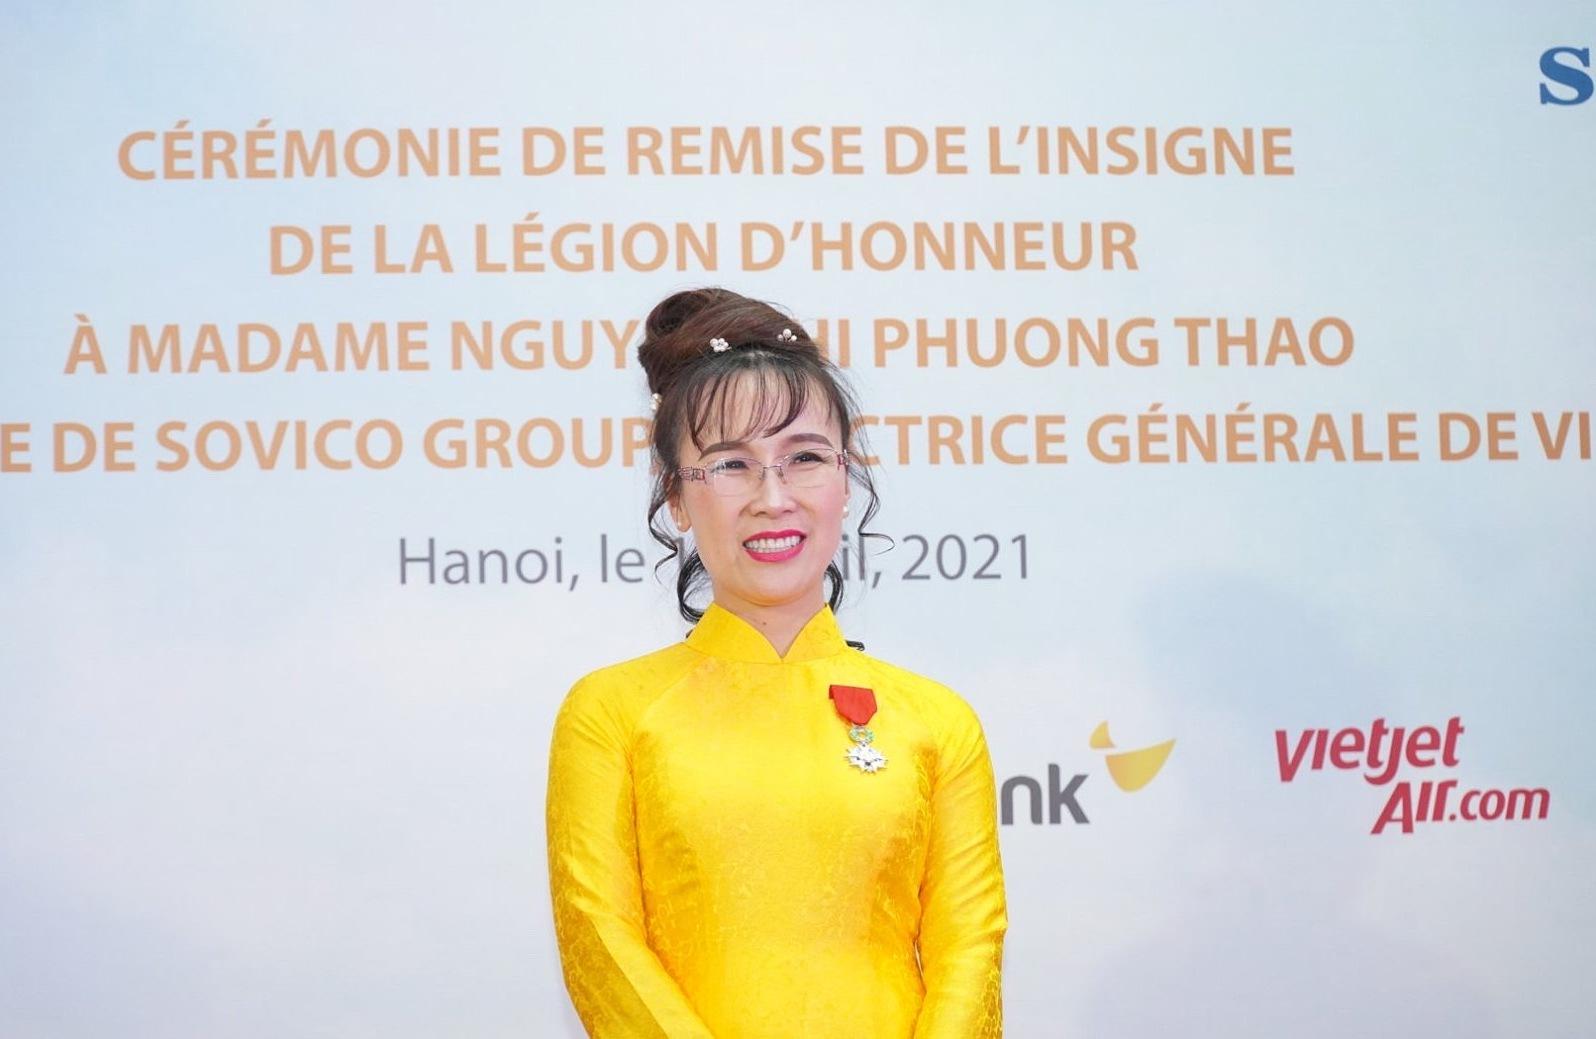 Bà Nguyễn Thị Phương Thảo nhận Huân chương Bắc đẩu bội tinh của Cộng hoà Pháp.